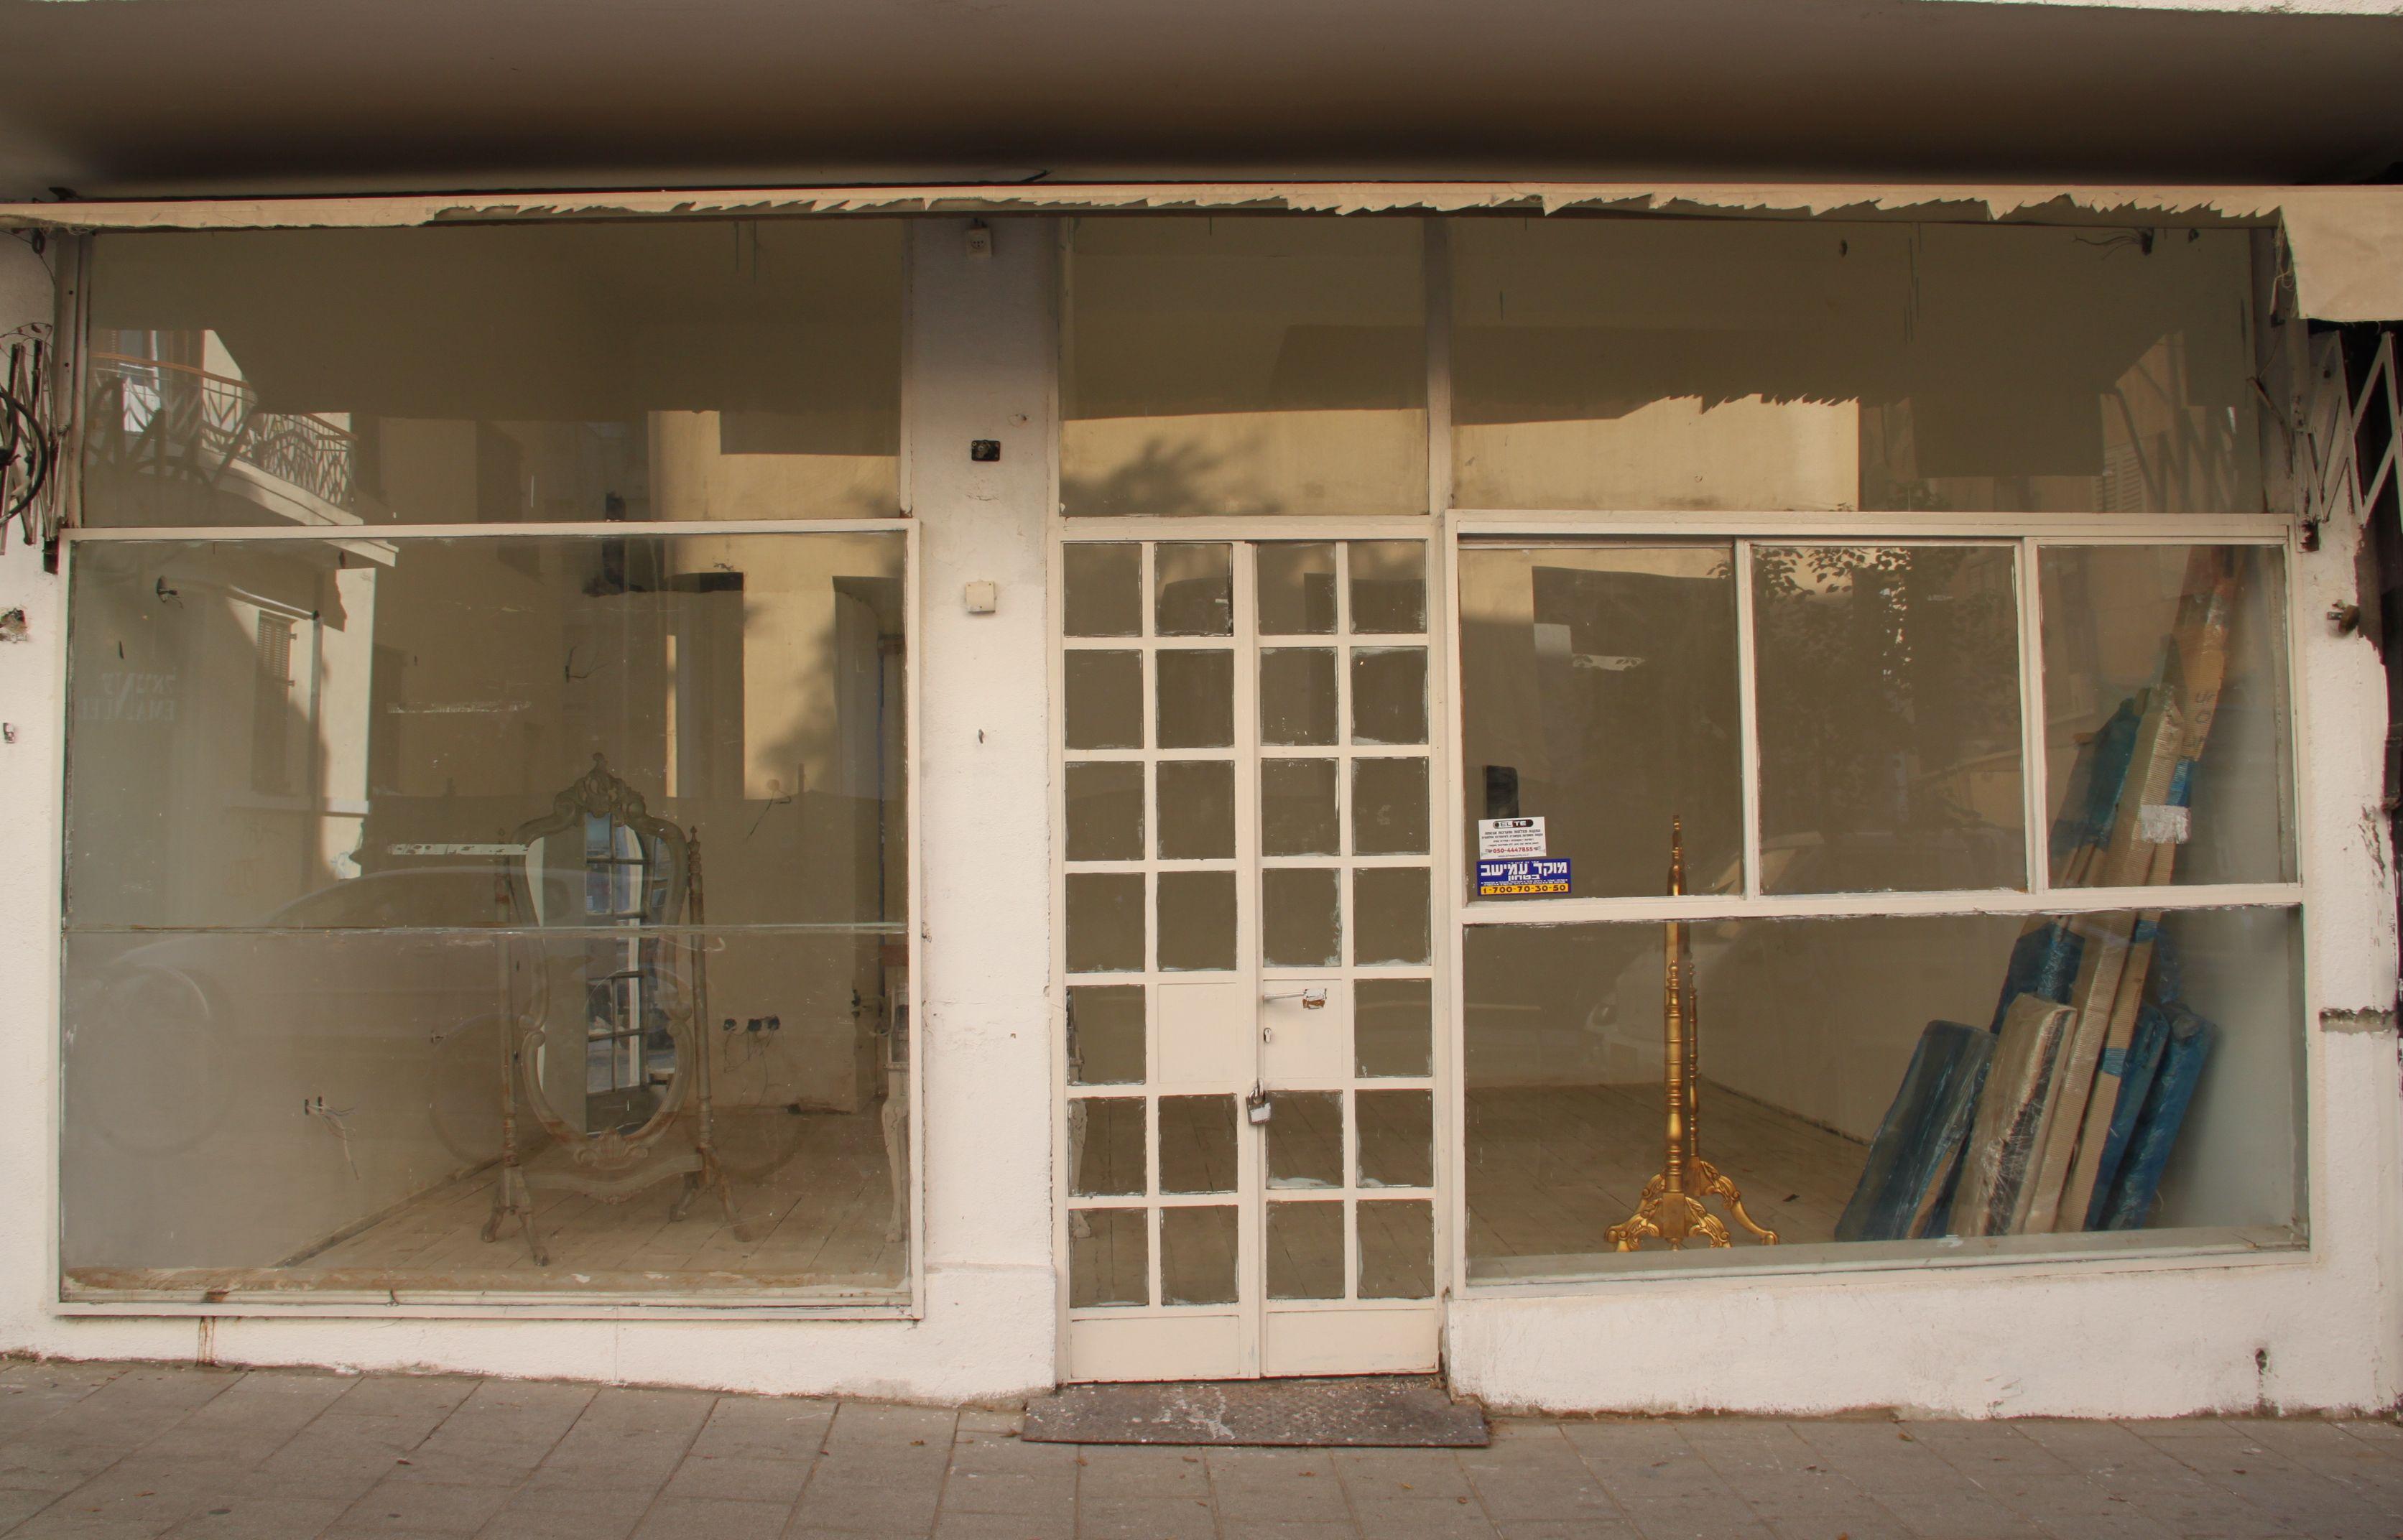 בימים הטובים הייתה כאן חנות בגדים